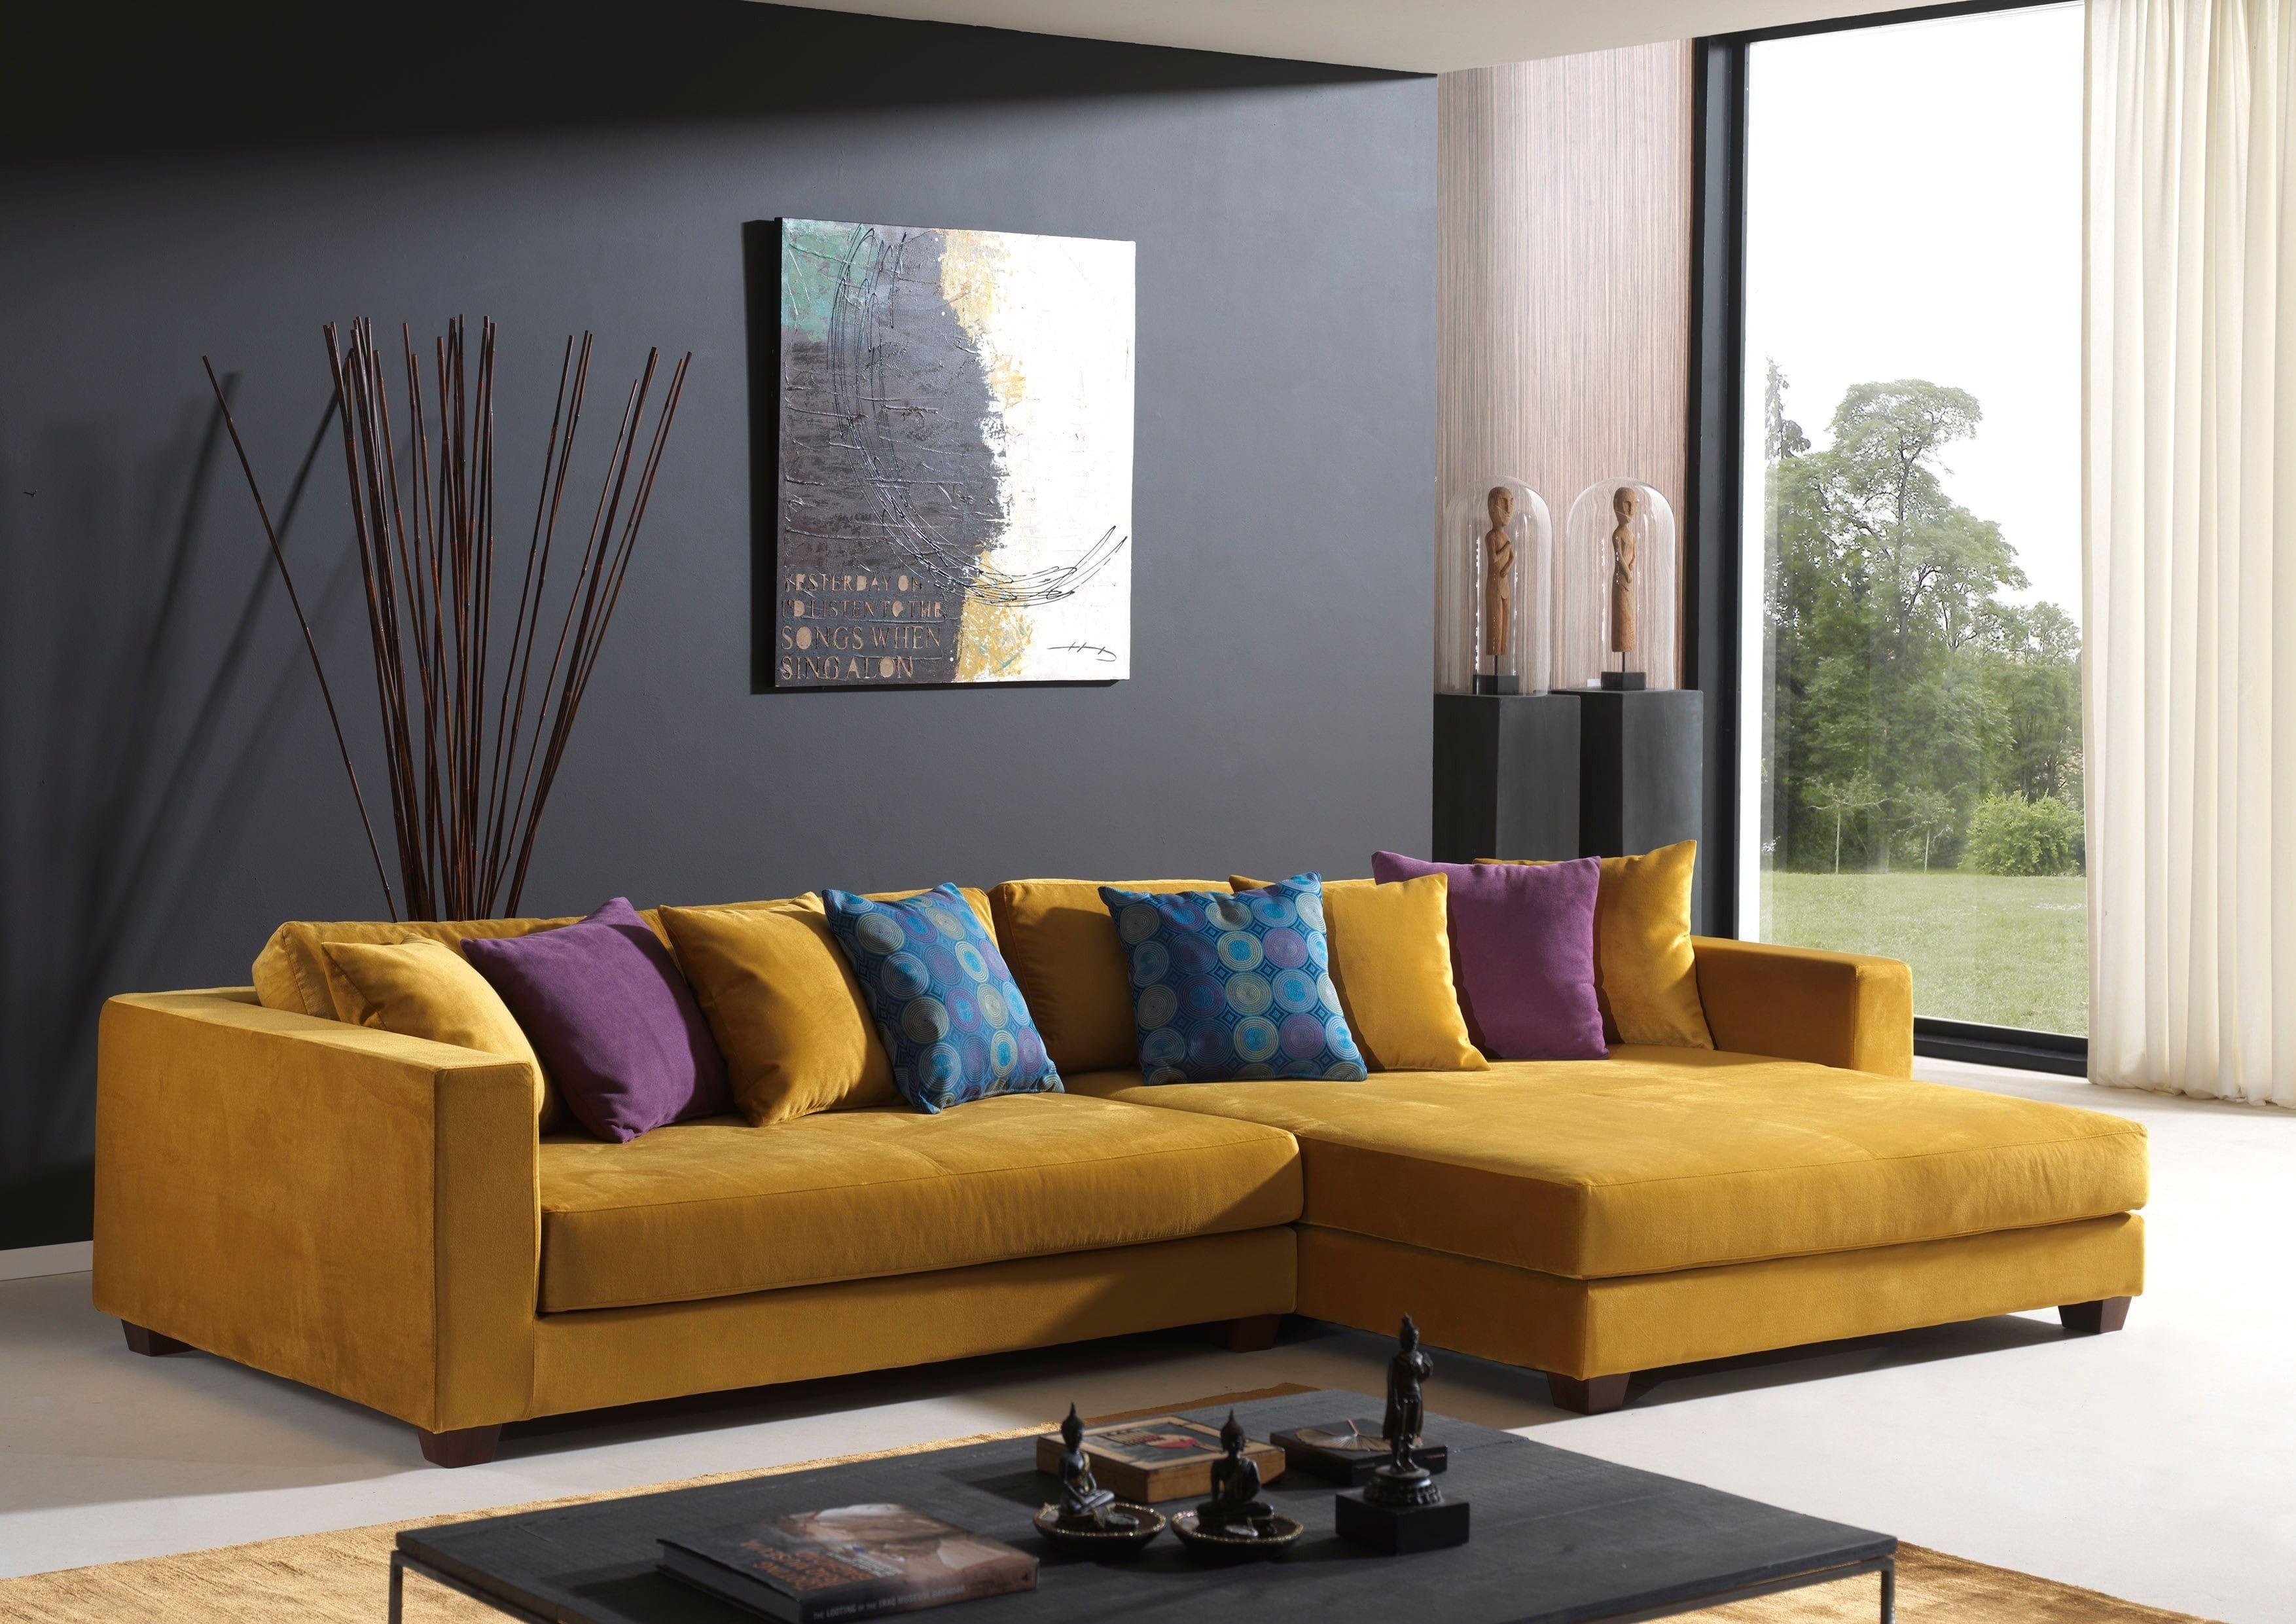 Top Ergebnis 50 Inspirierend Designer sofa Grau Bilder 2017 Shdy7